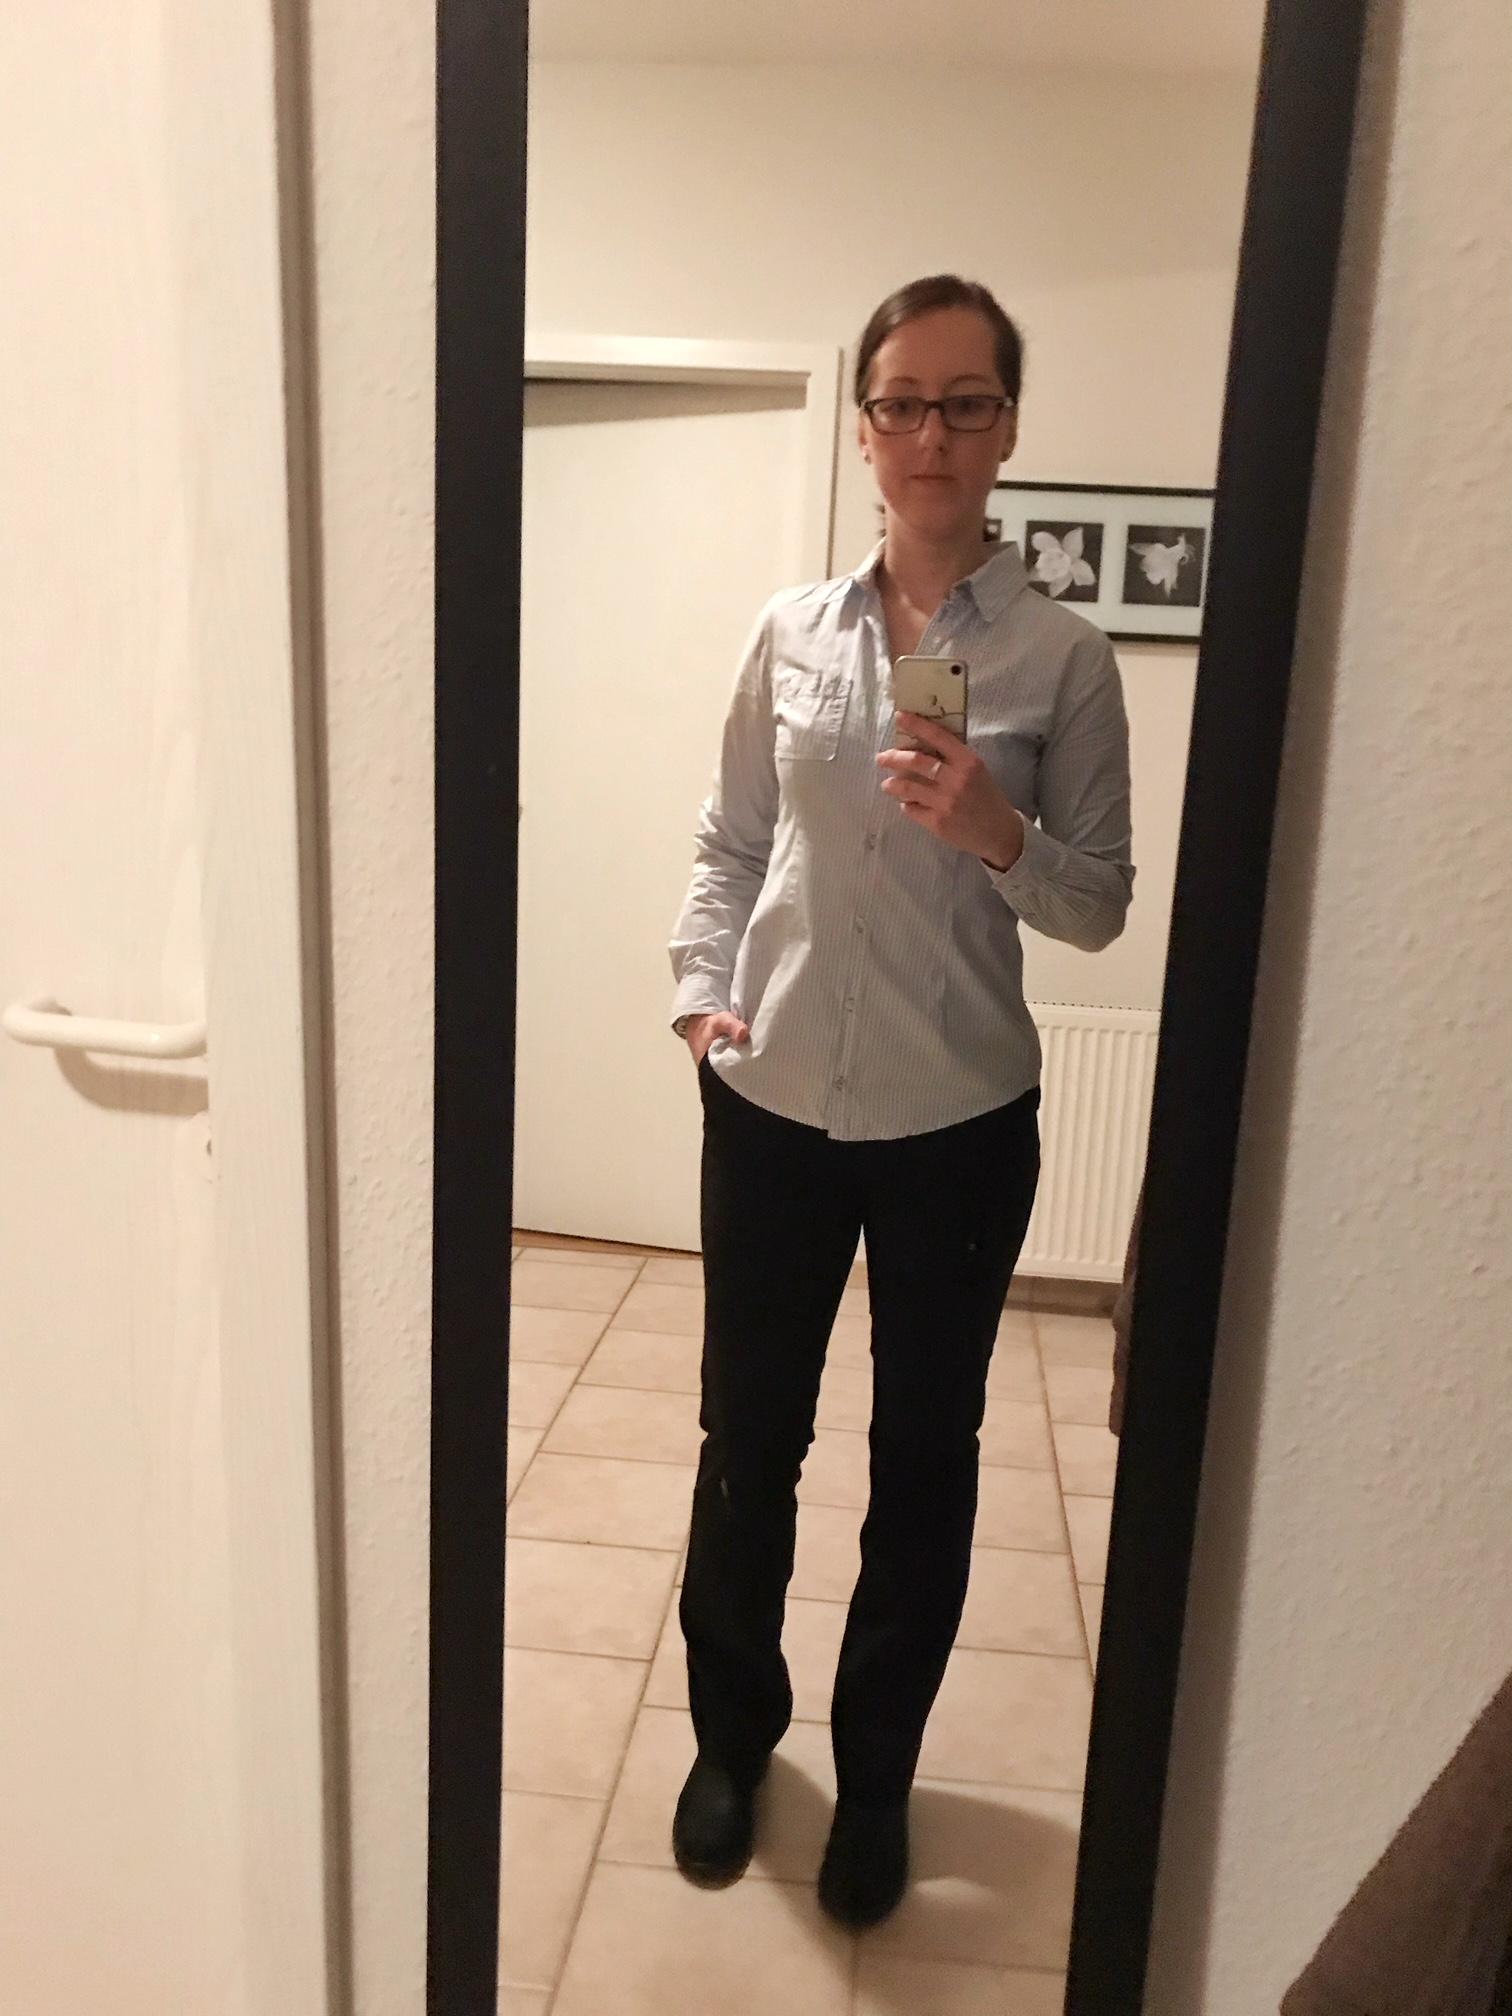 Kleiderschrank- Experiment: Woche 1 und 2_5. Februar